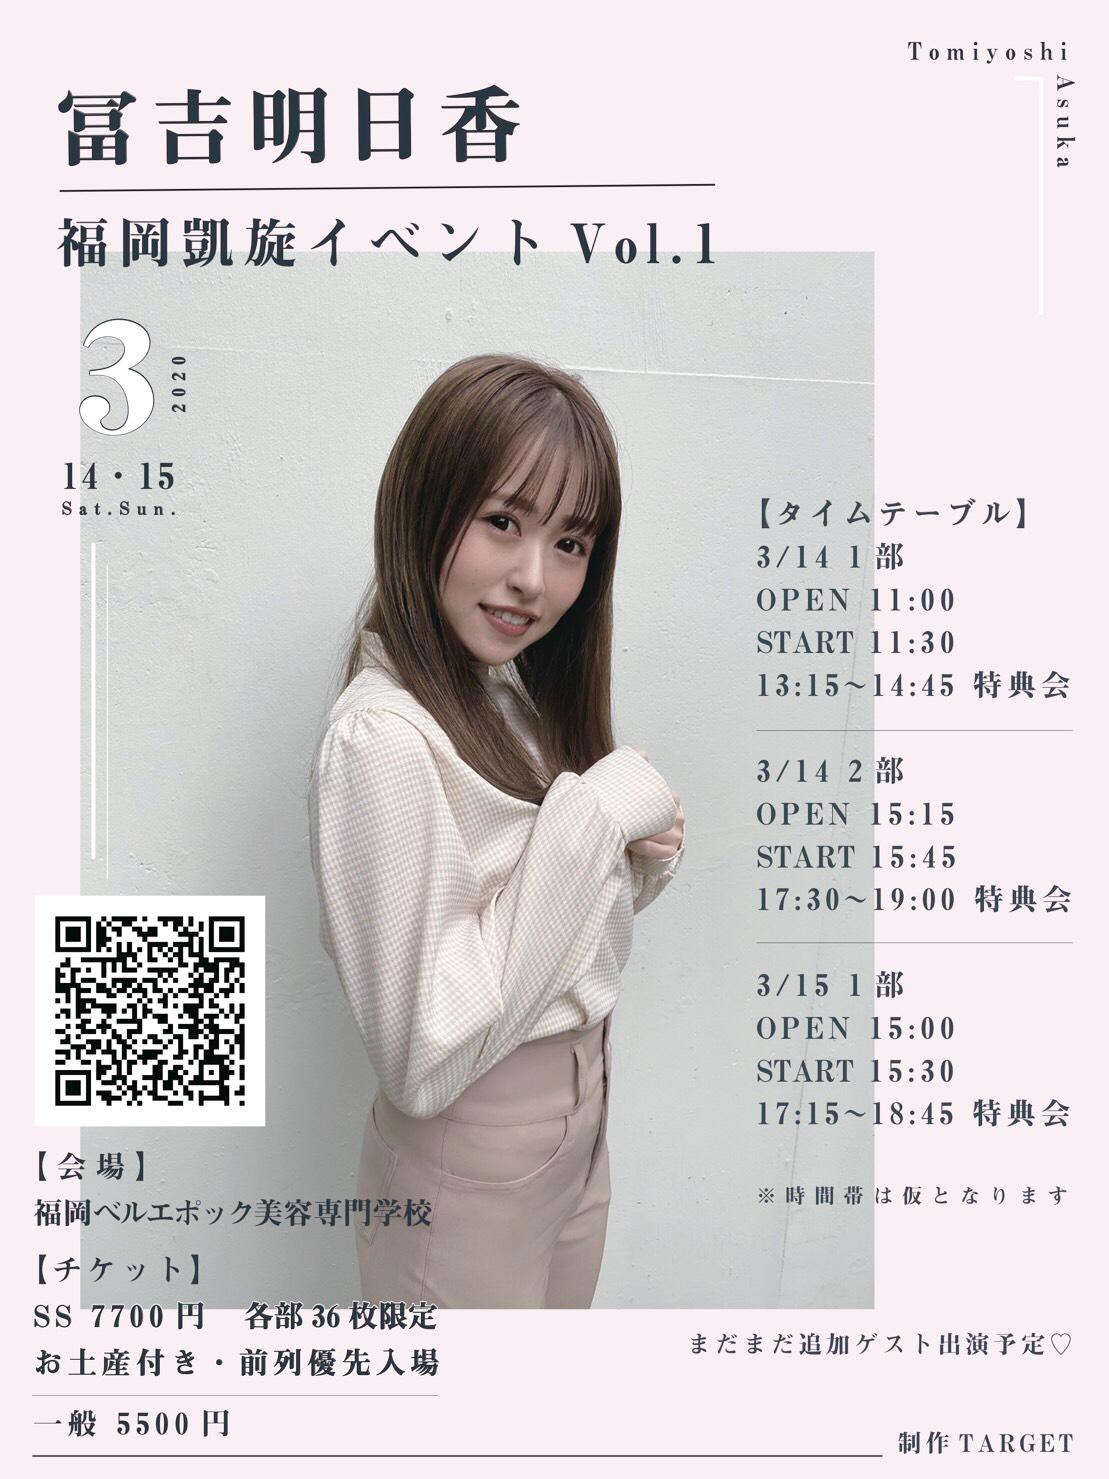 冨吉明日香 福岡凱旋イベント Vol.1